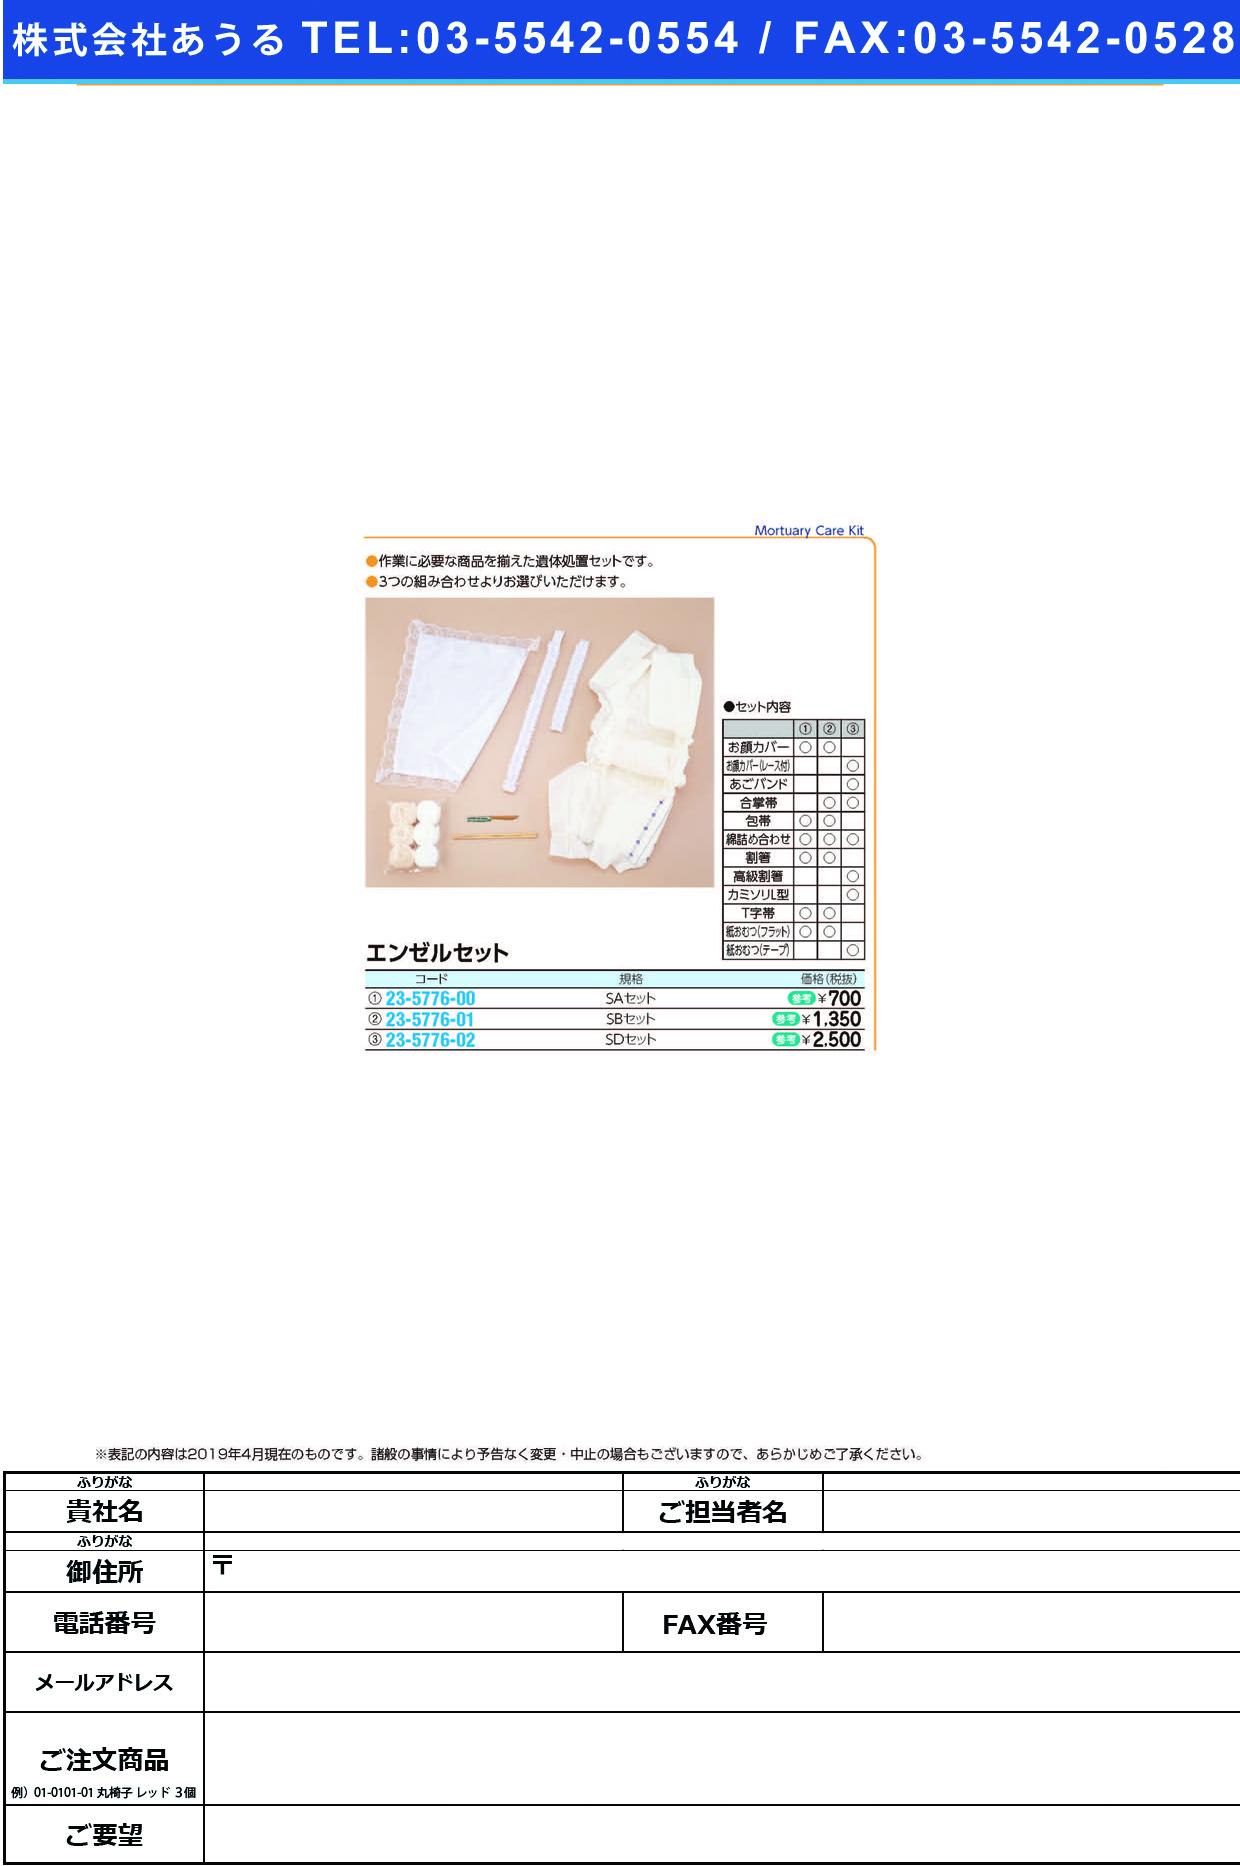 (23-5776-00)エンゼルセットSAタイプ 40778 エンゼルセットSAタイプ(イワツキ)【1組単位】【2019年カタログ商品】